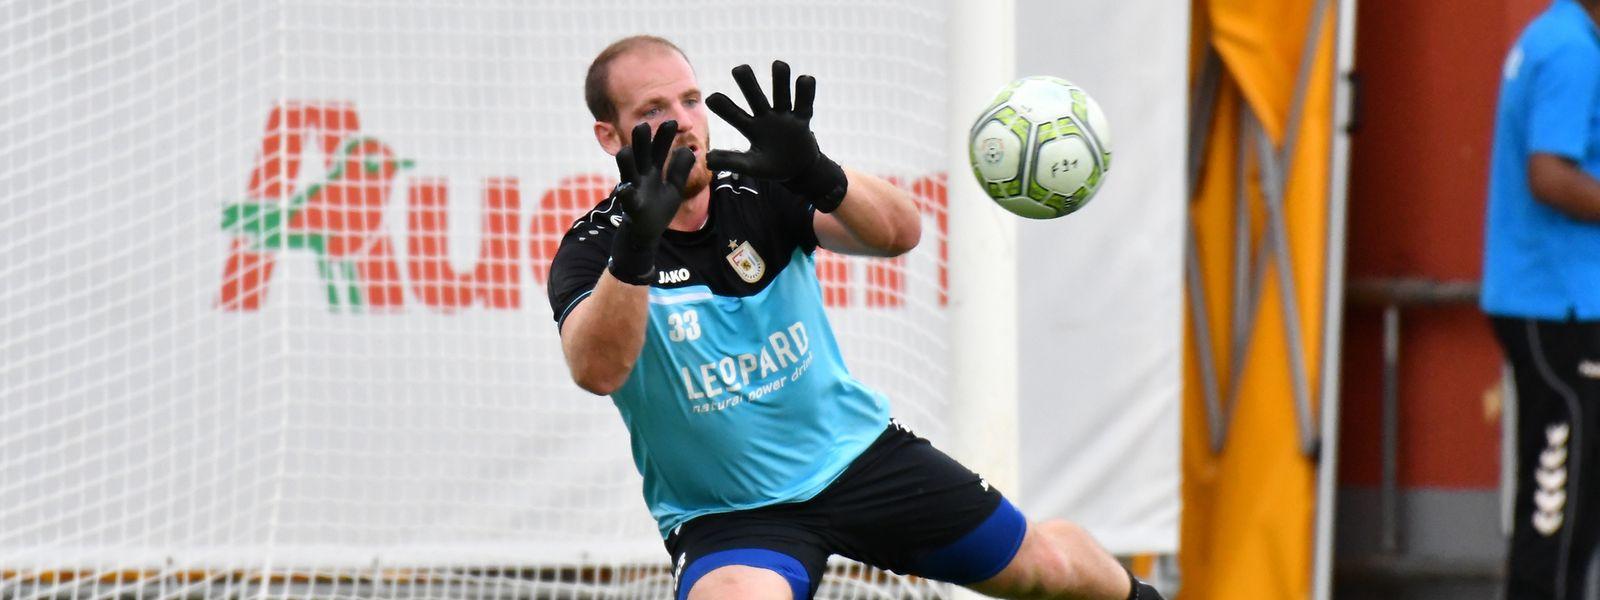 Sollte F91 die Gruppenphase der Europa League erreichen, würde Joe Frising auch dort zum Einsatz kommen.